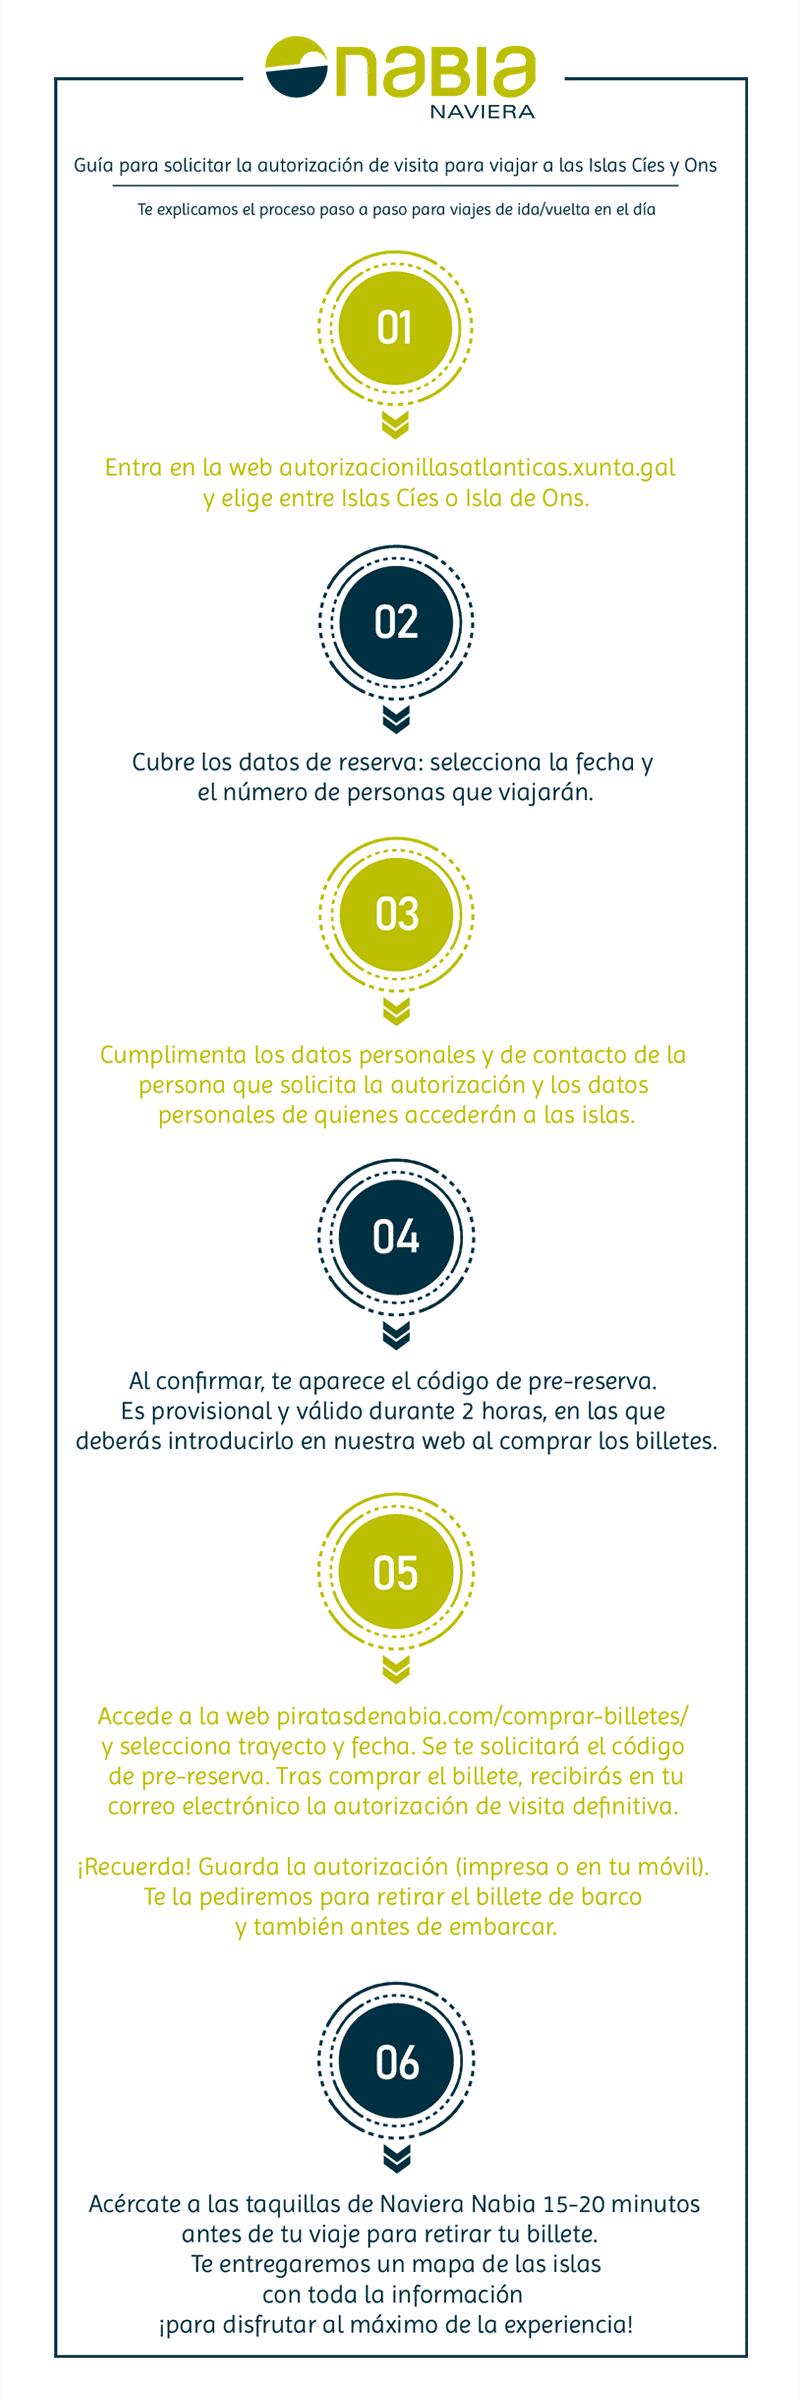 Infografía con los pasos del proceso para solicitar la autorización para Islas Cíes y Ons